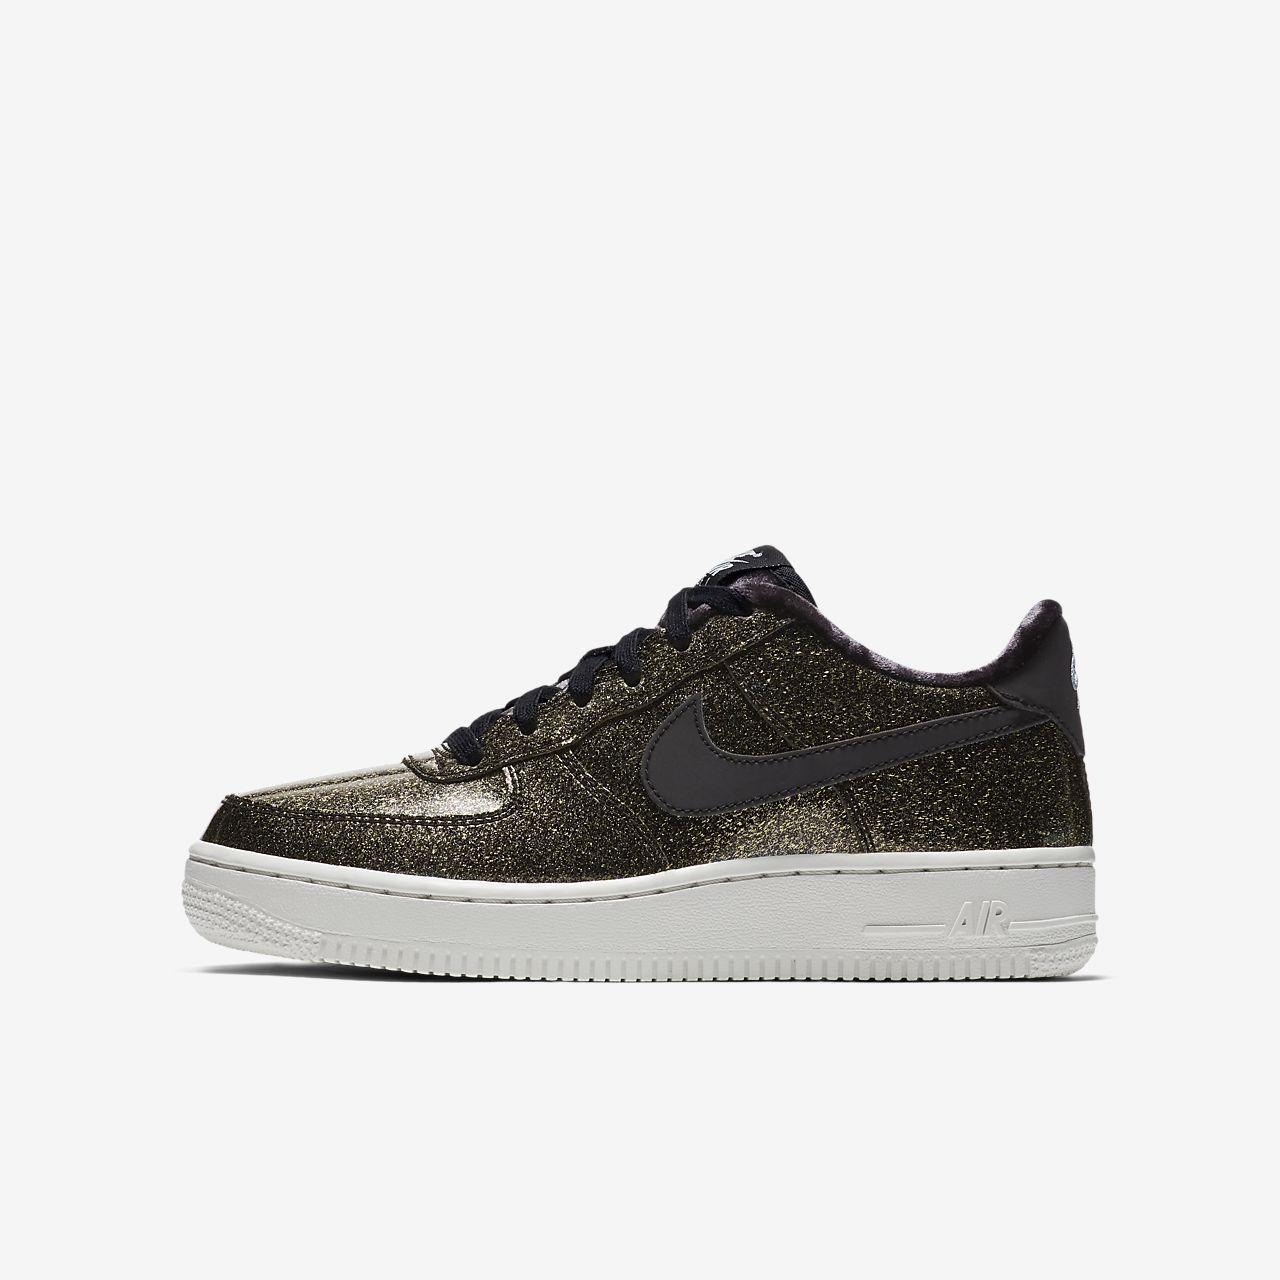 nike sportswear air force 1 07 premium qs world